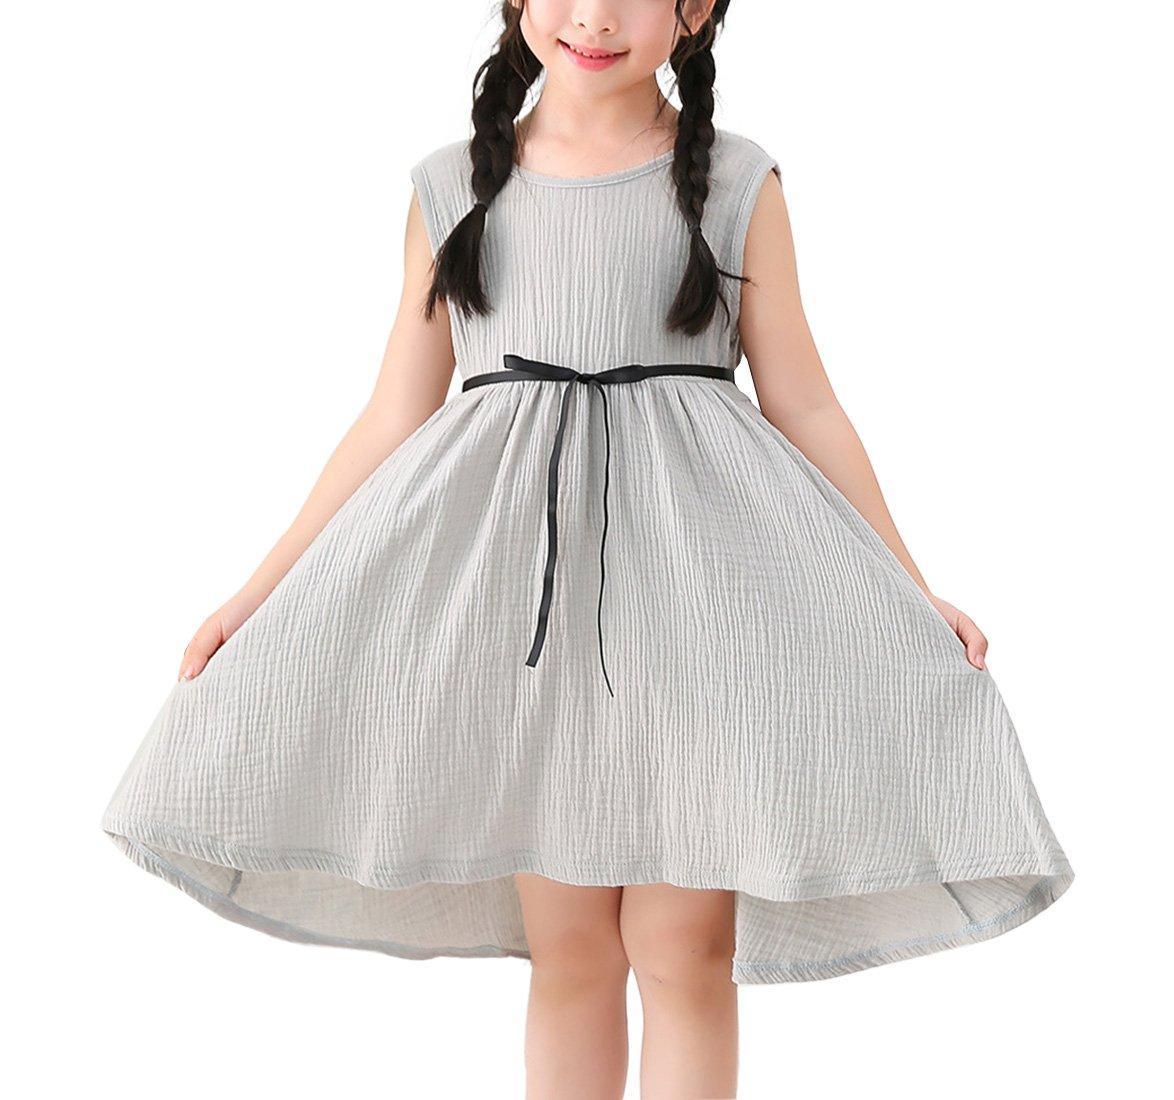 Congcong Girls Pure Cotton Sleeveless High Rise Fine Bow Tie Belt One-Piece Princess Dress (Light Grey, Height-35.43''(90cm))